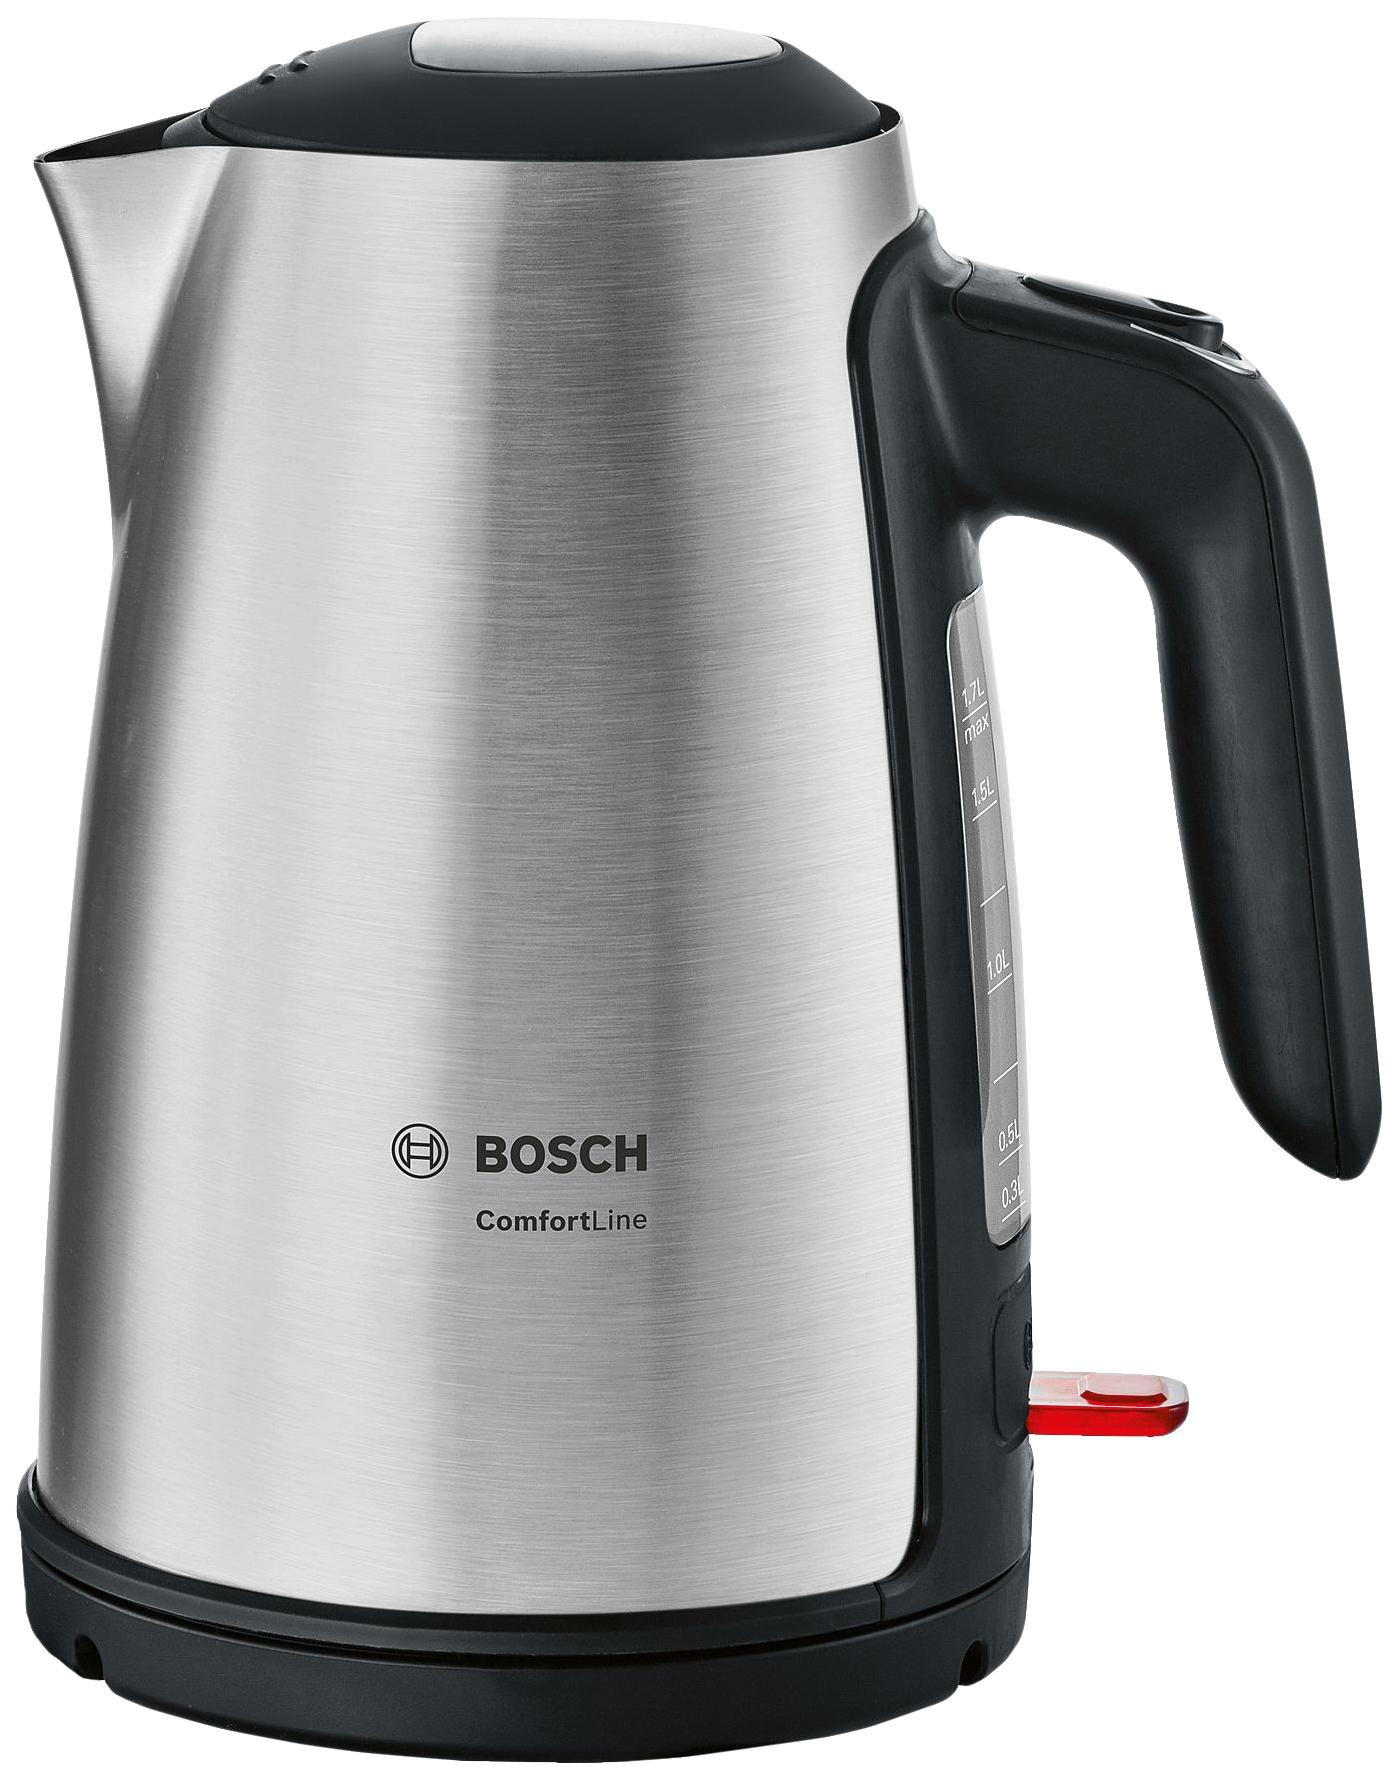 Чайник электрический Bosch ComfortLine TWK6A813 Silver фото